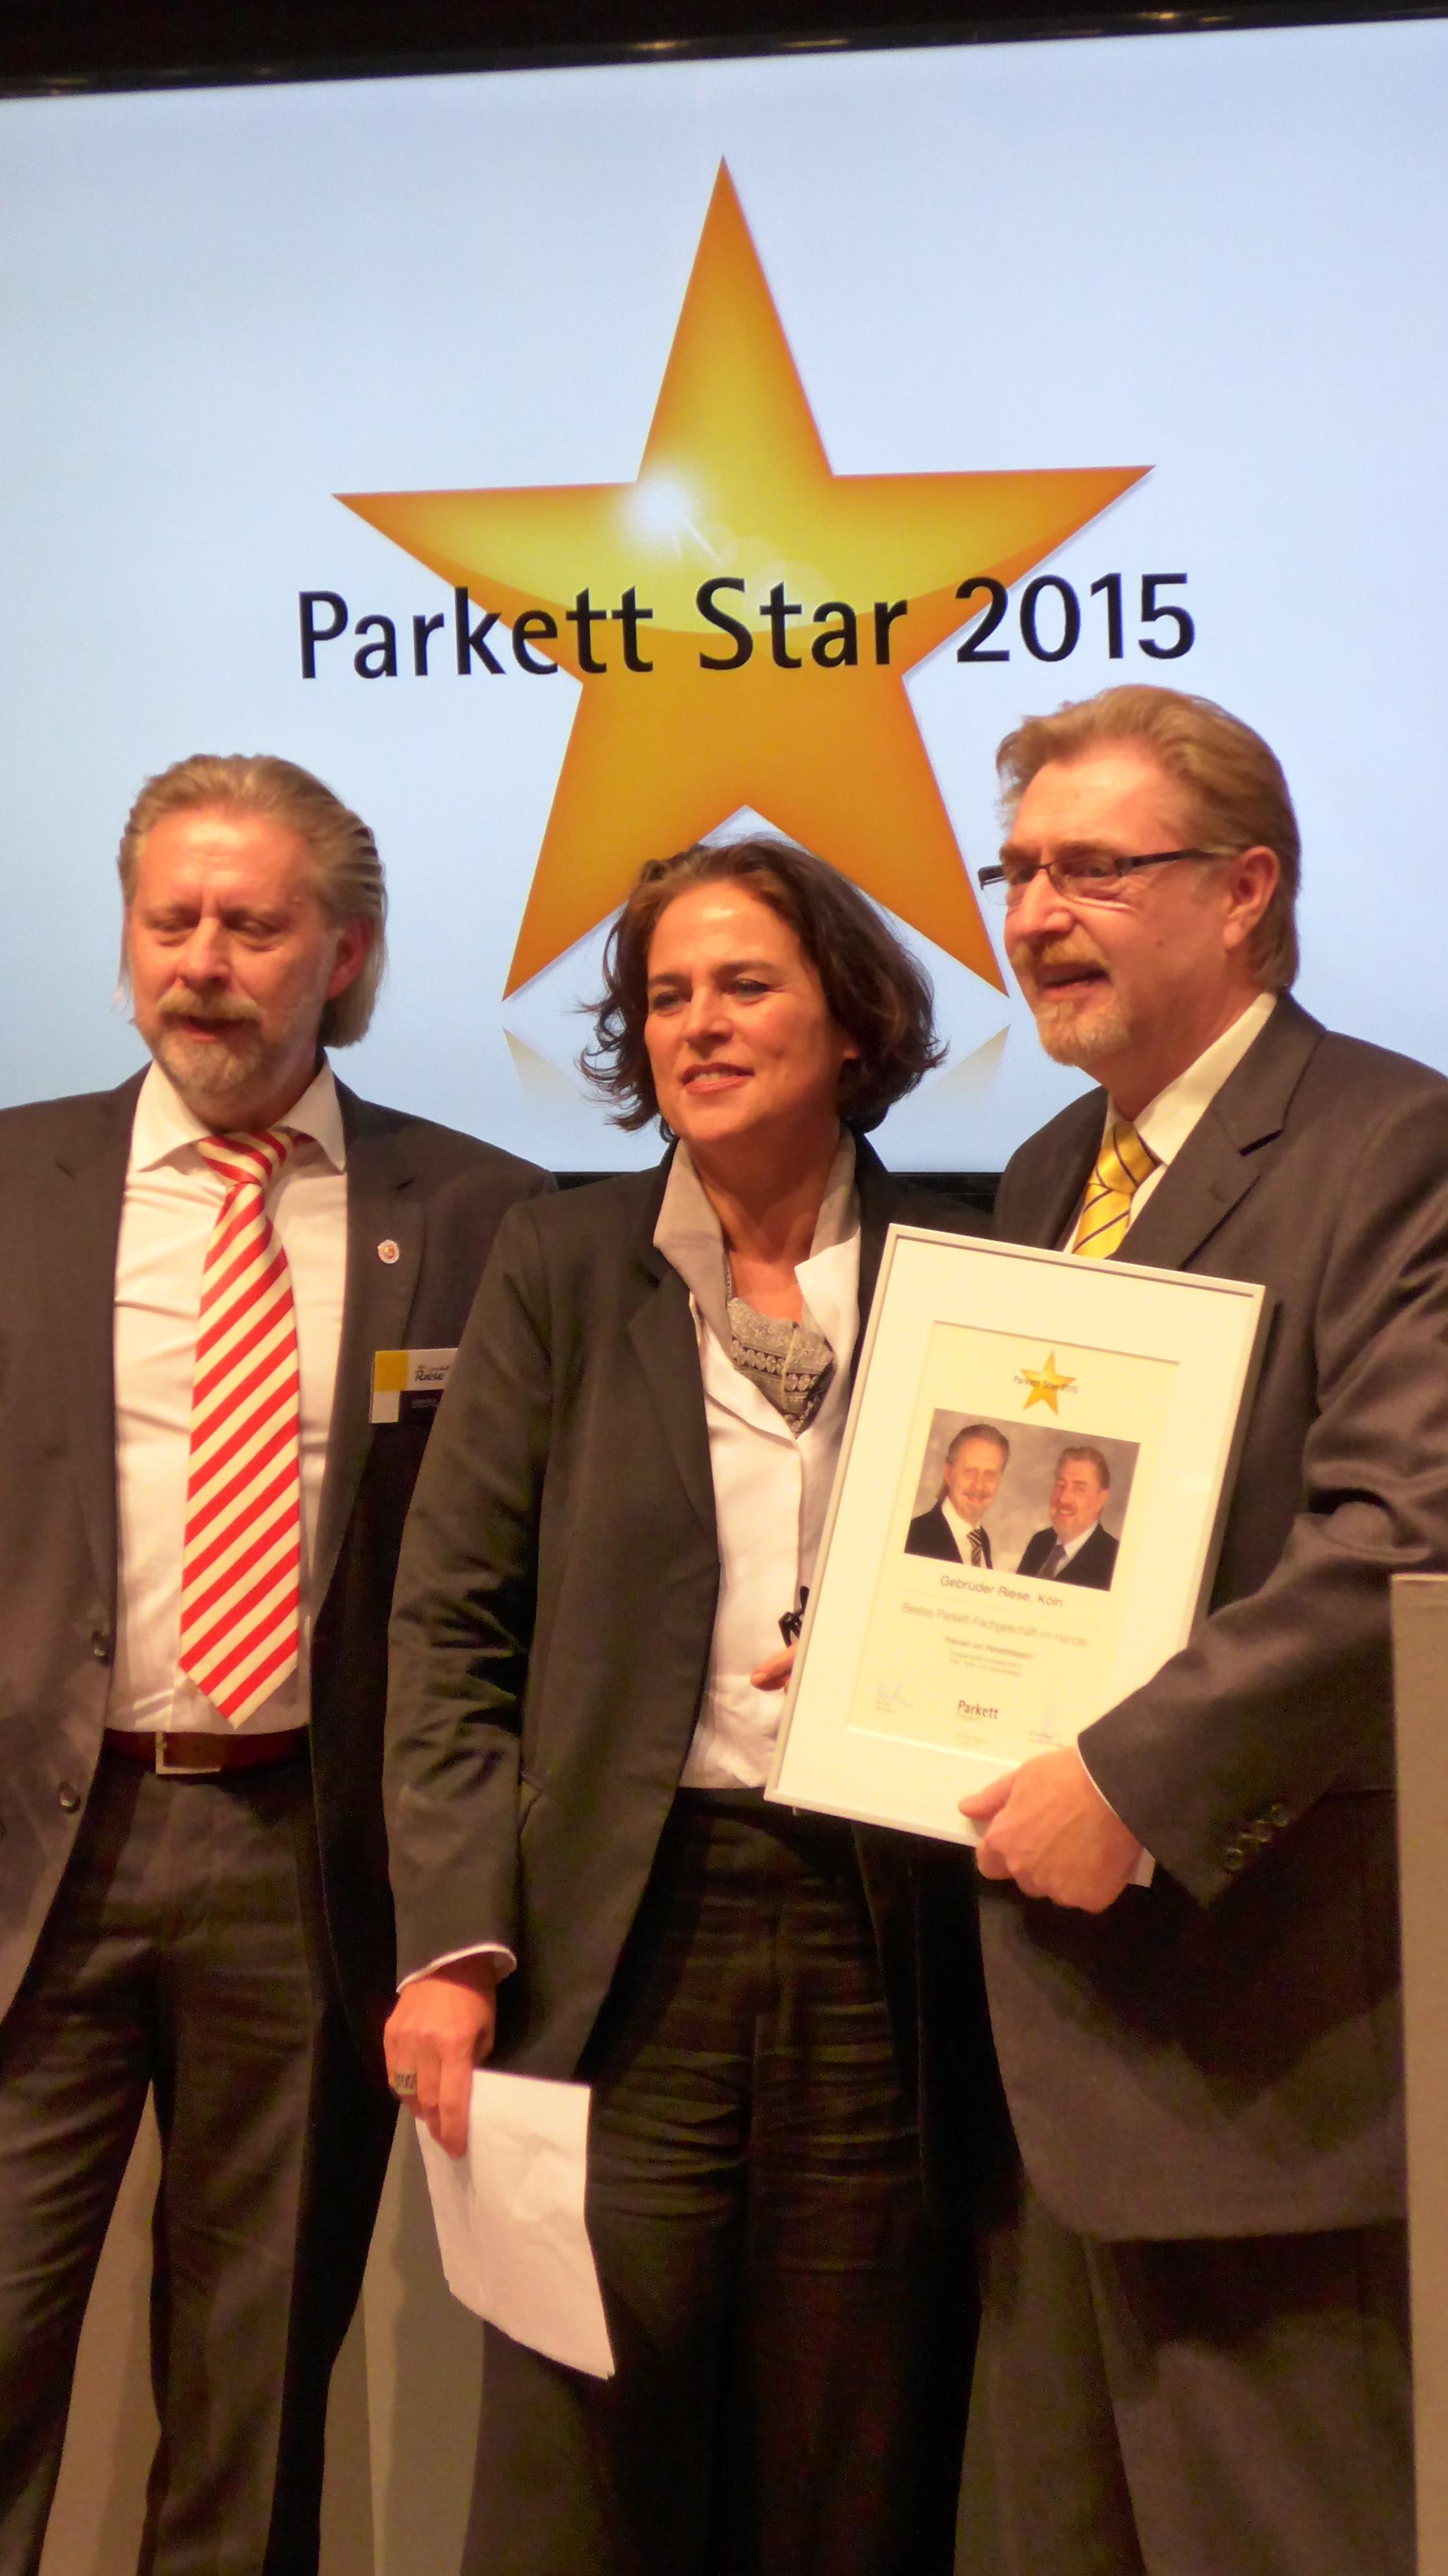 Parkett Star 2015